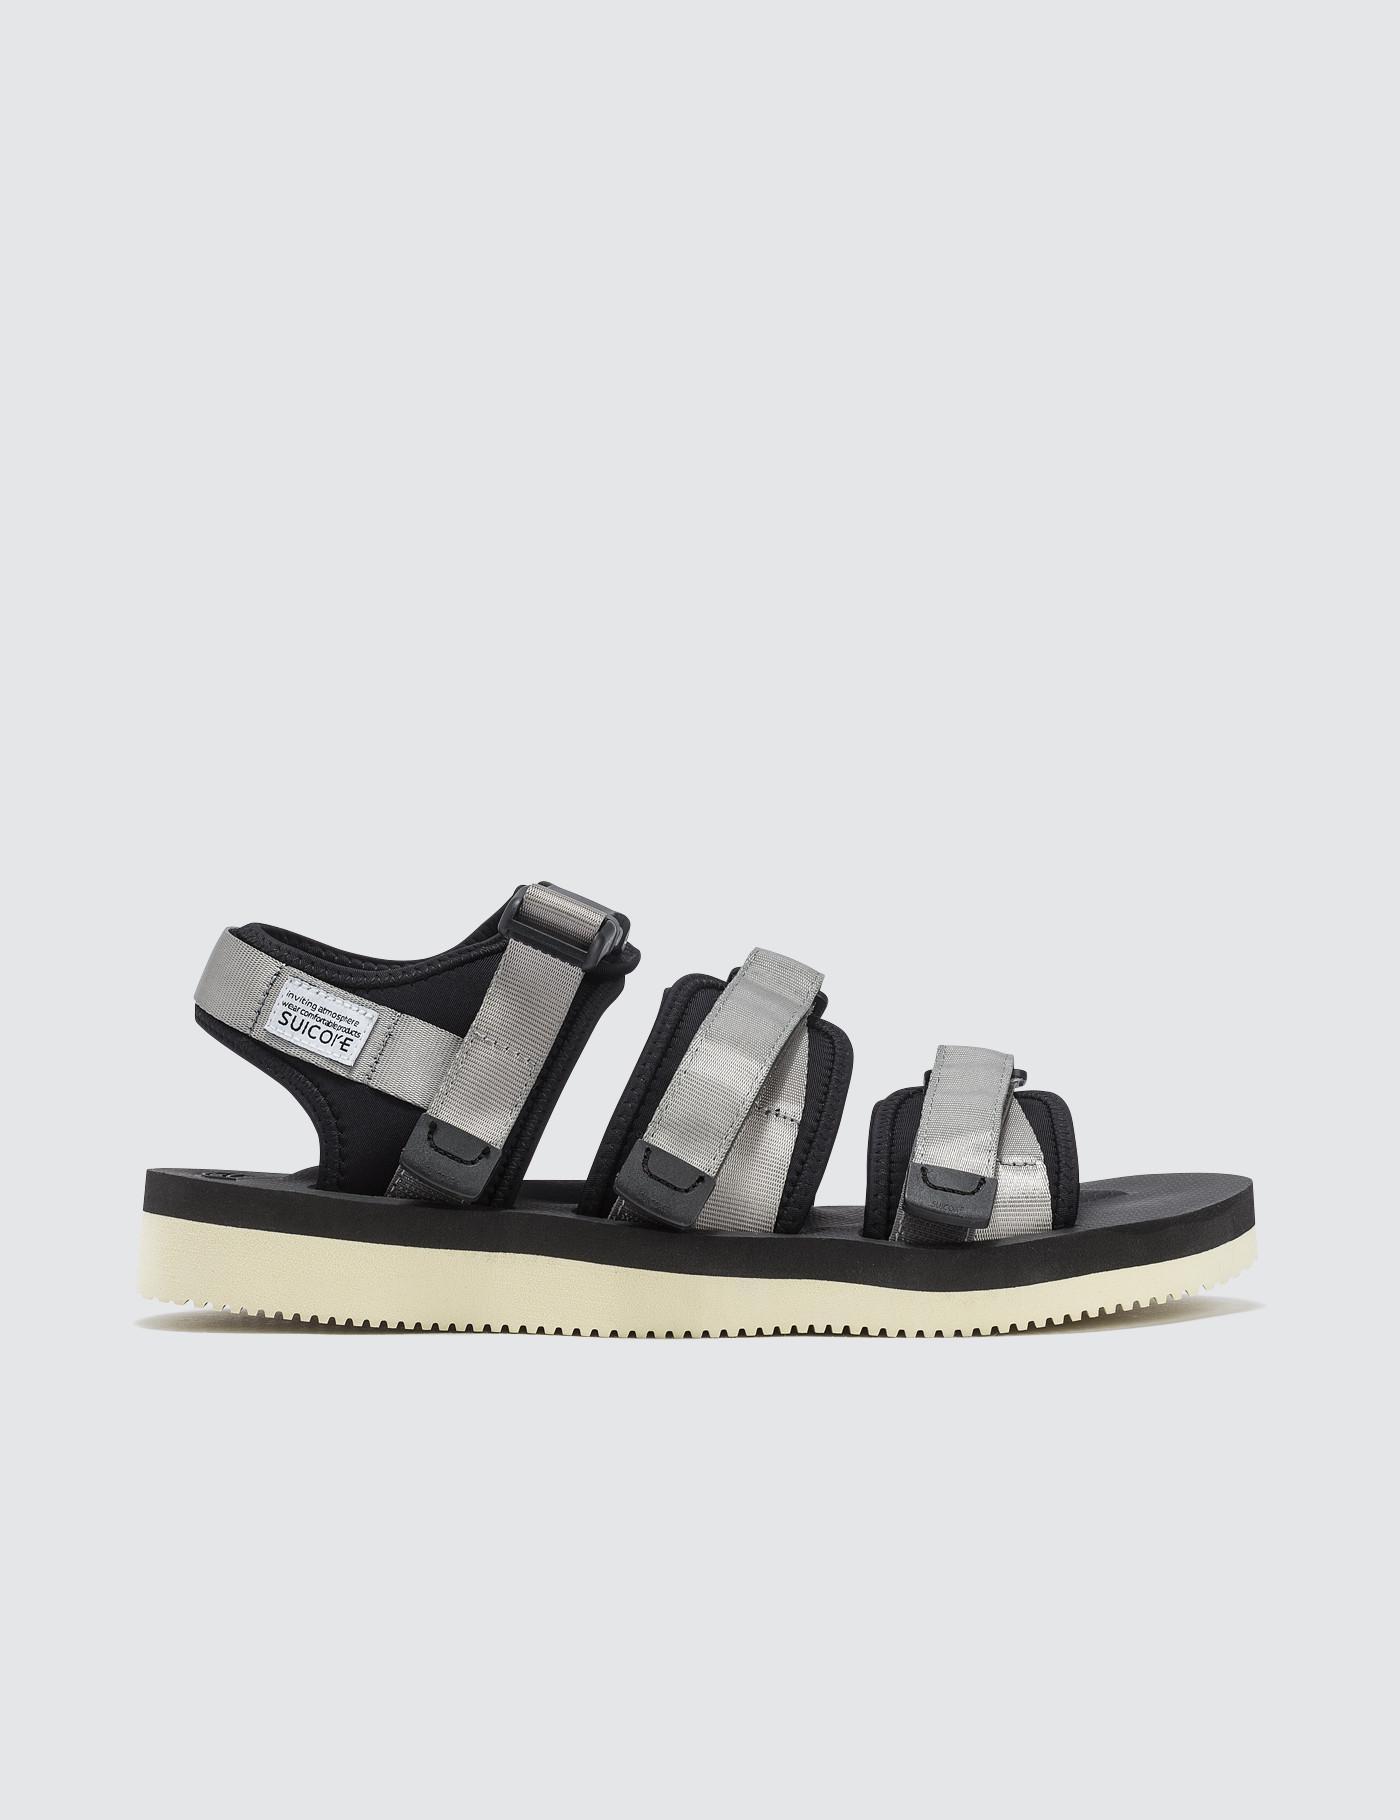 b5c2d36ab363 Suicoke Gga-v Sandals in Gray for Men - Lyst